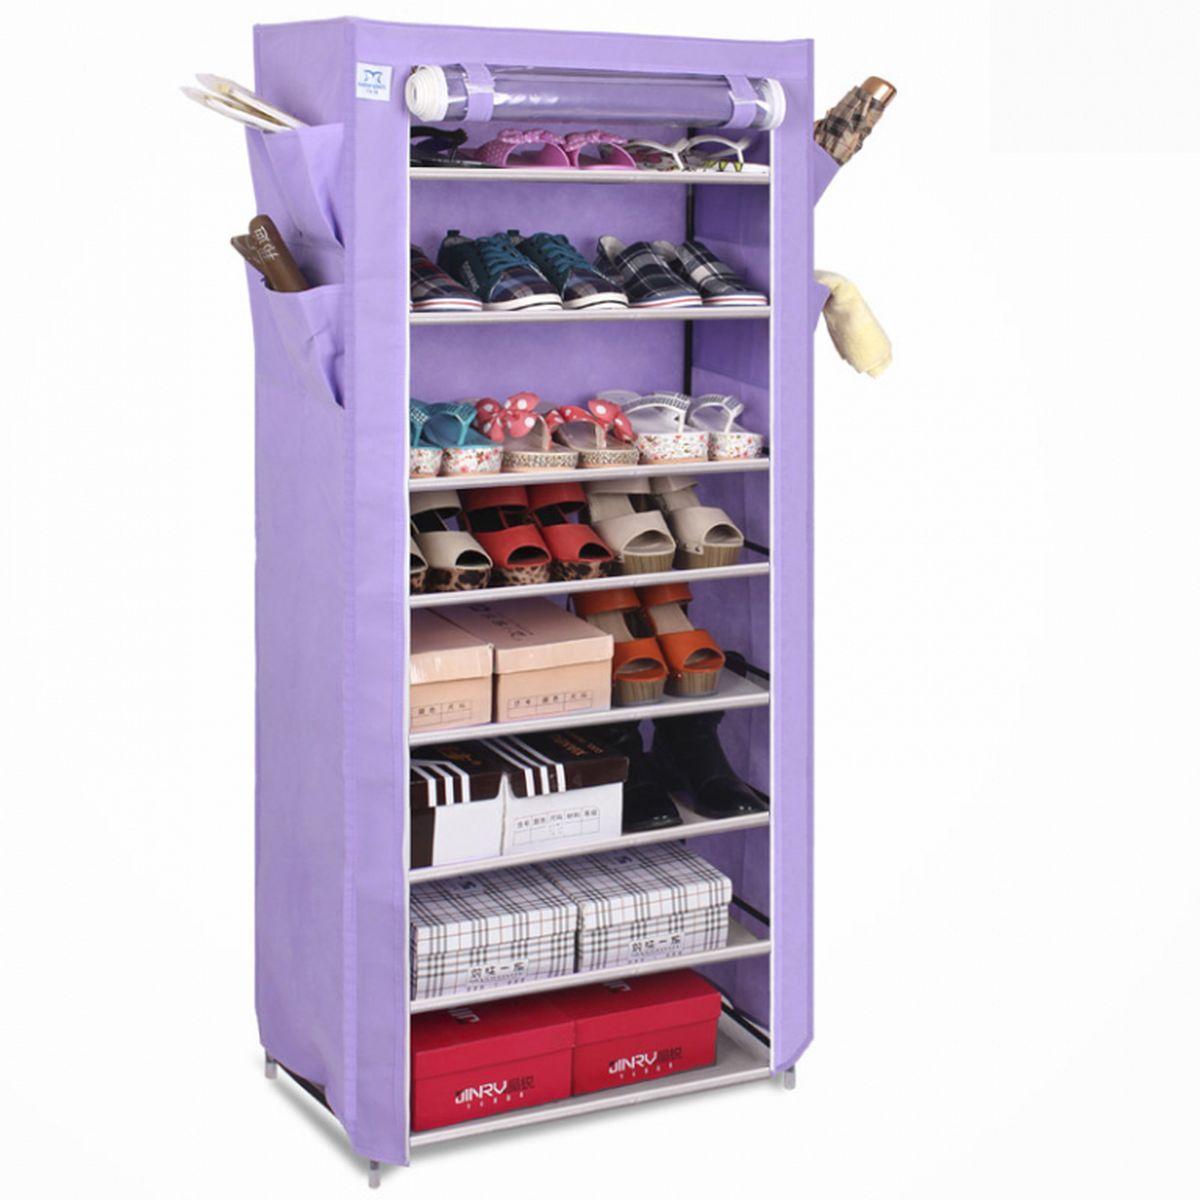 Шкаф для обуви и аксессуаров Homsu Элис, 8 полок, 60 x 30 x 136 смHOM-106Шкаф для обуви и аксессуаров Homsu Элис выполнен из текстиля. Этот шкаф предназначен для комфортного, практичного и удобного хранения обуви и других предметов в вашем доме. Такой шкаф вполне может стать полноценным дополнением к вашей уютной домашней обстановке. Изделие имеет боковые кармашки для тапочек, зонтов и всяких мелочей и 8 полок для обуви шириной 60 см и глубиной 30 см.